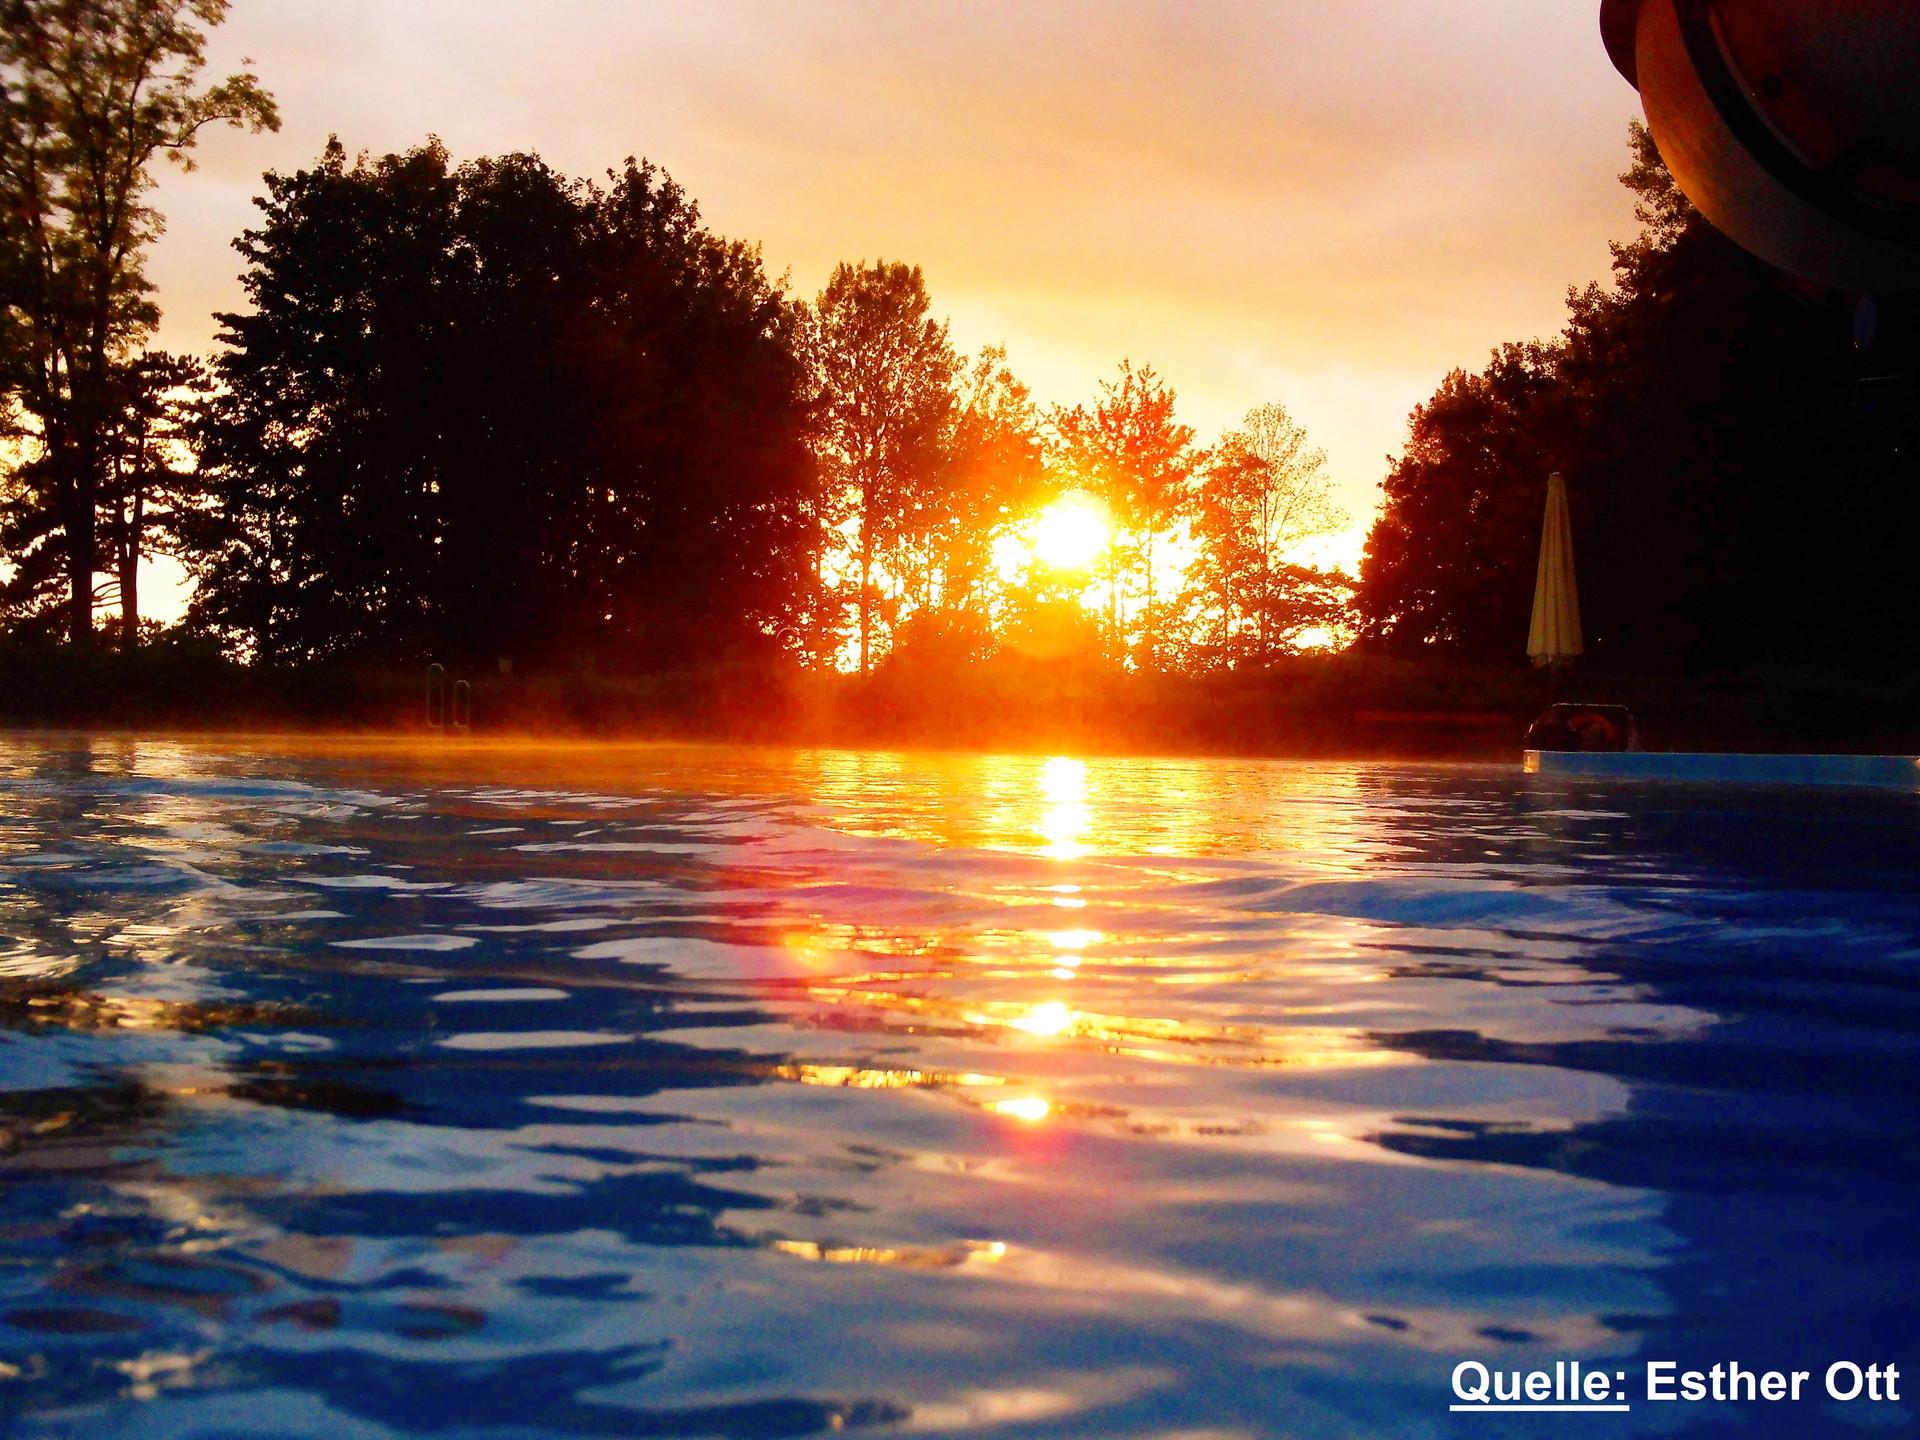 Sonnenuntergang aus dem Becken aus